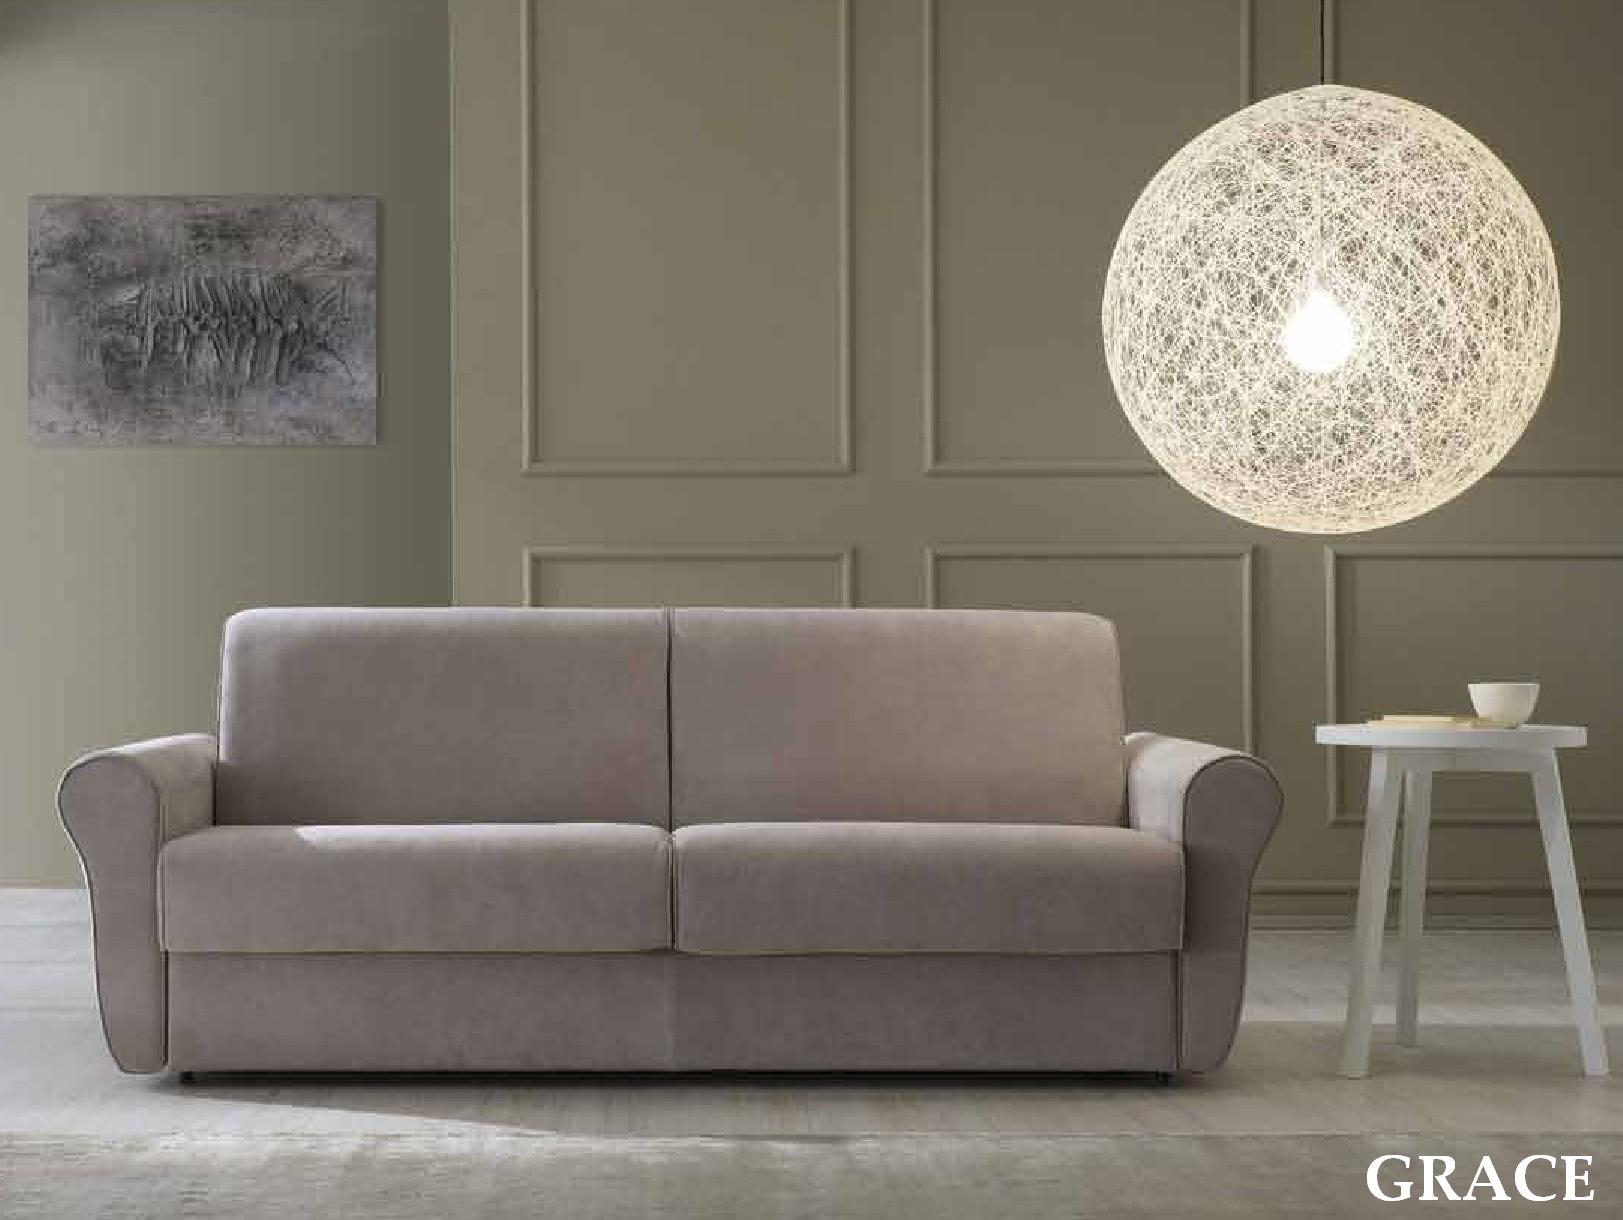 Divani 9 modelli felis for Modelli divani